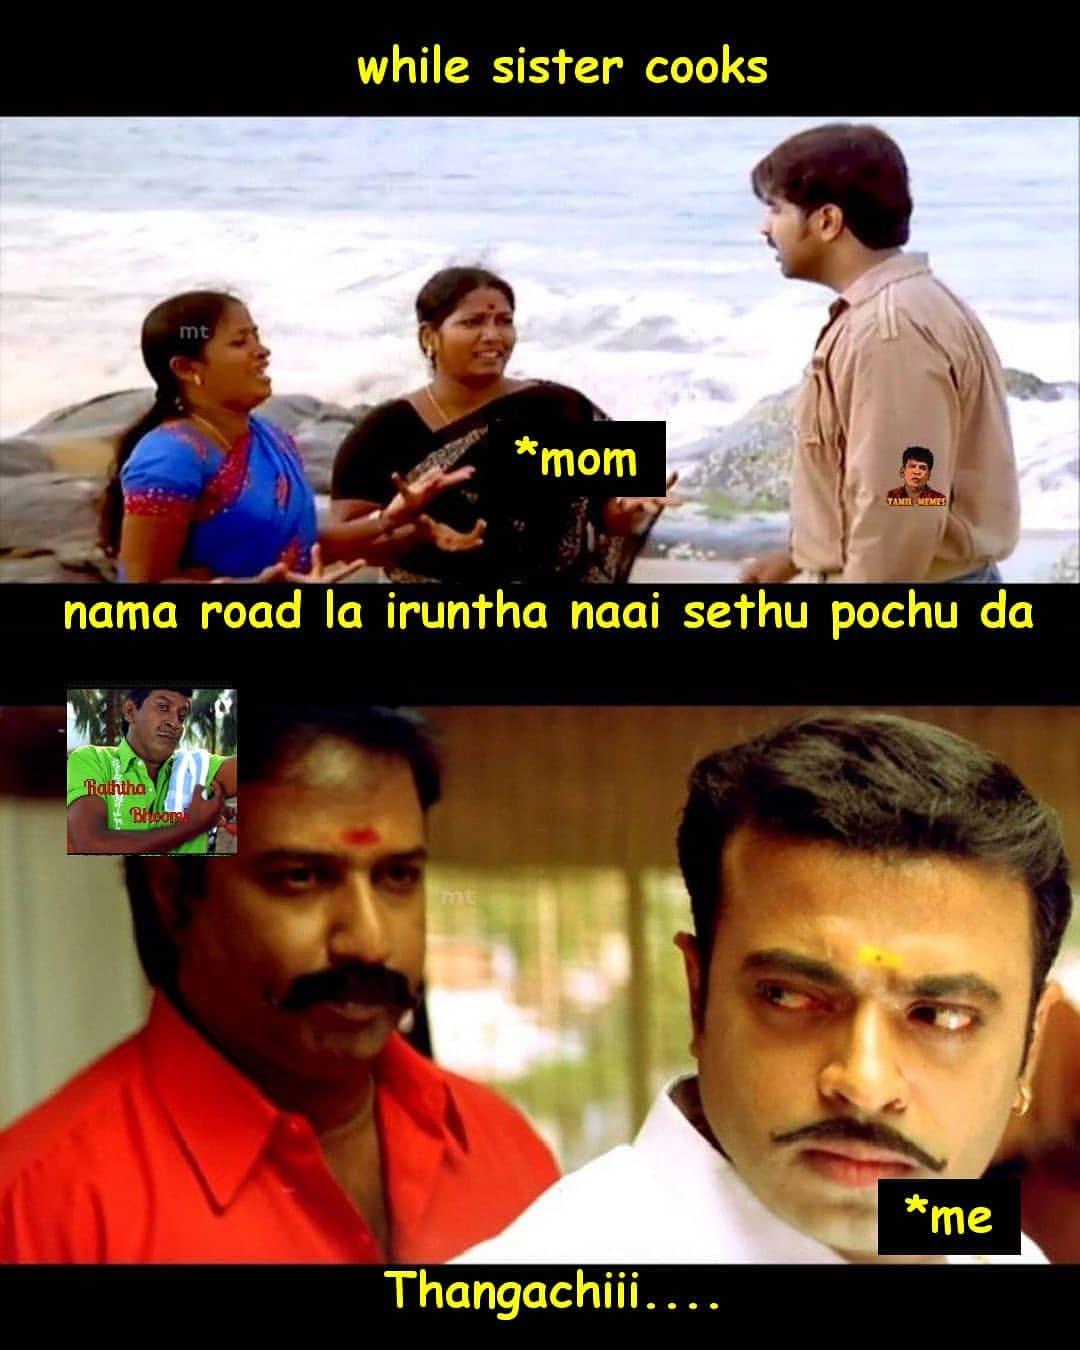 50 Best Sister Cooking Memes Tamil Tamil Memes